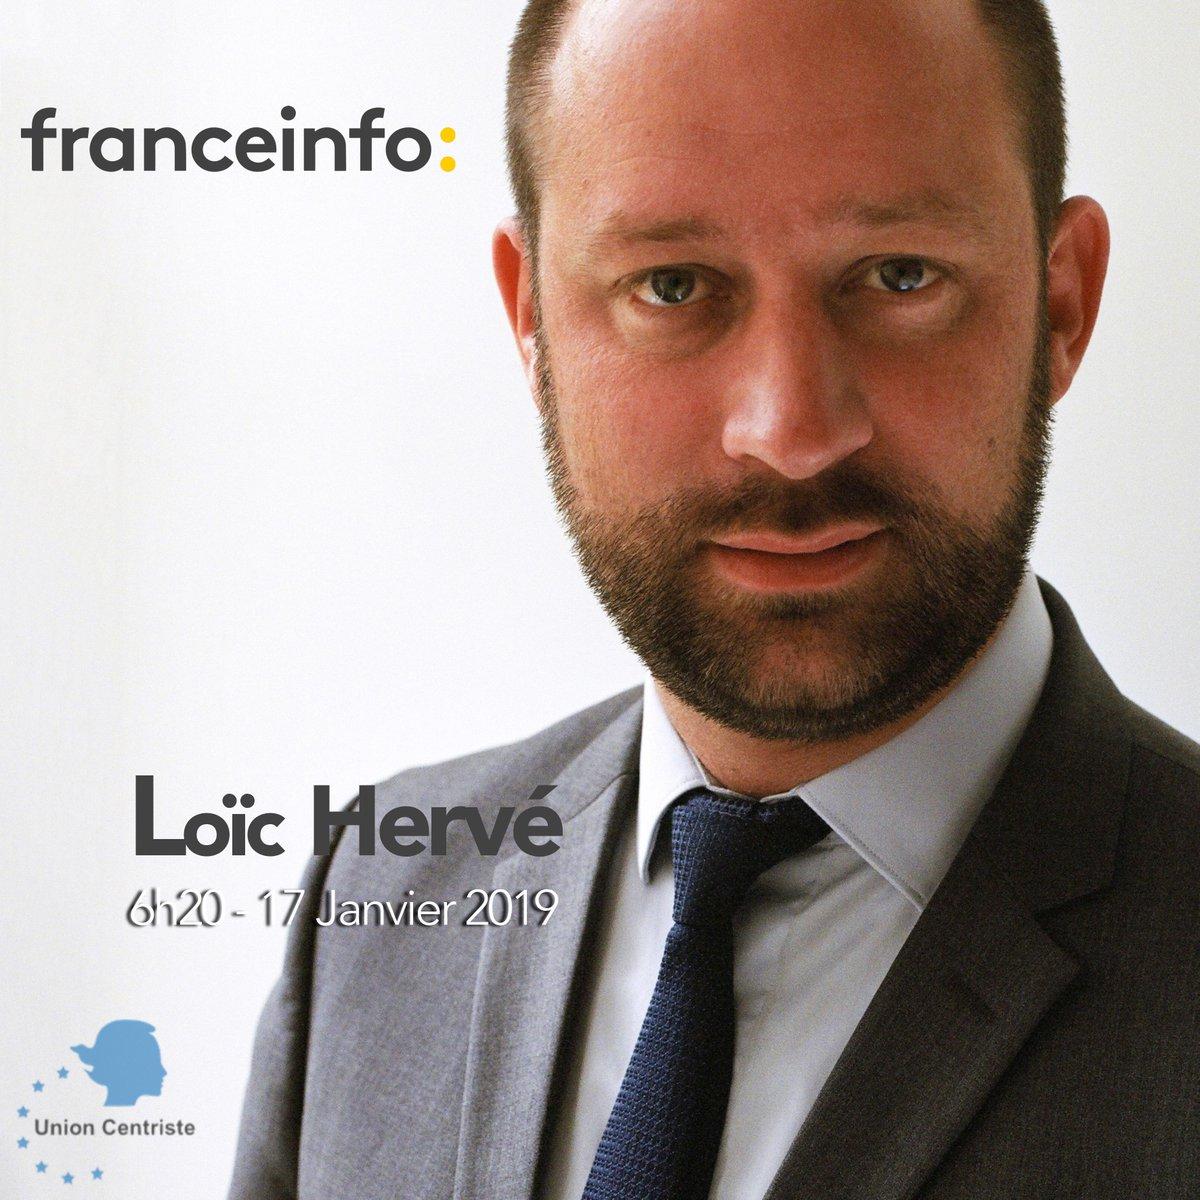 #DANSLESMÉDIAS - Le sénateur @loichervepublic sera sur @franceinfo ce jeudi 17 janvier à 6h20